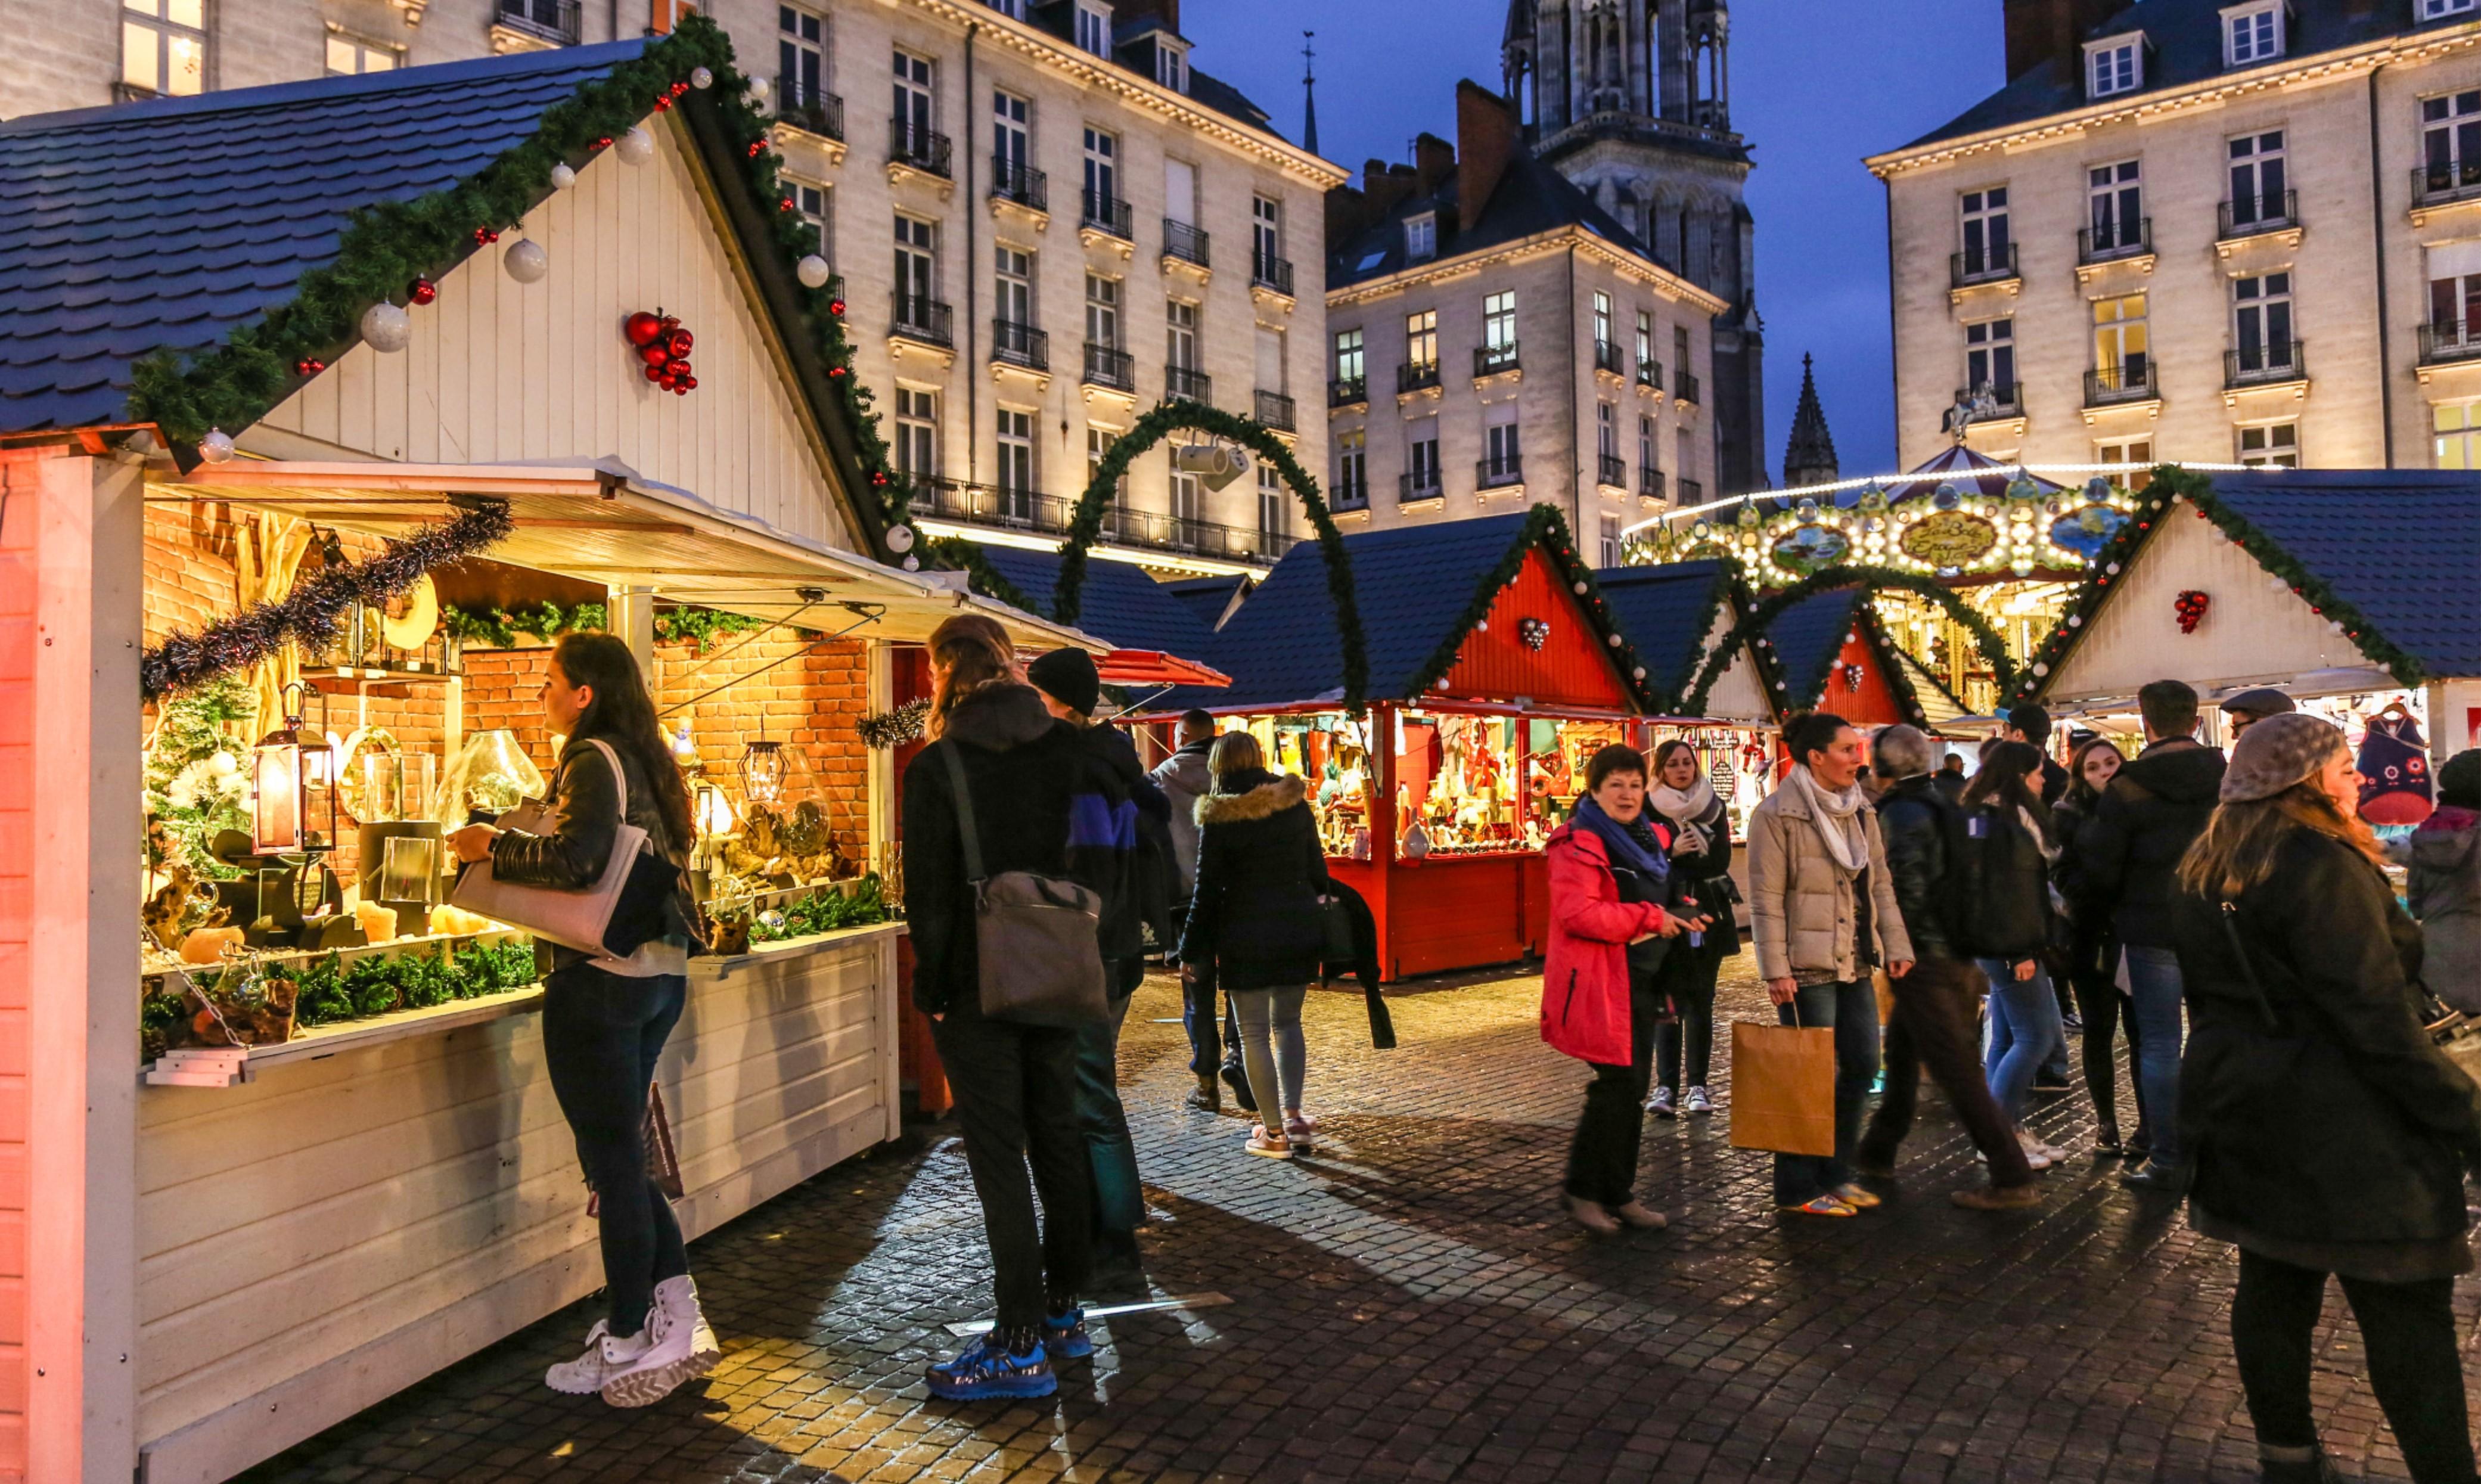 Marché de Noël de Nantes et ses nombreux passants